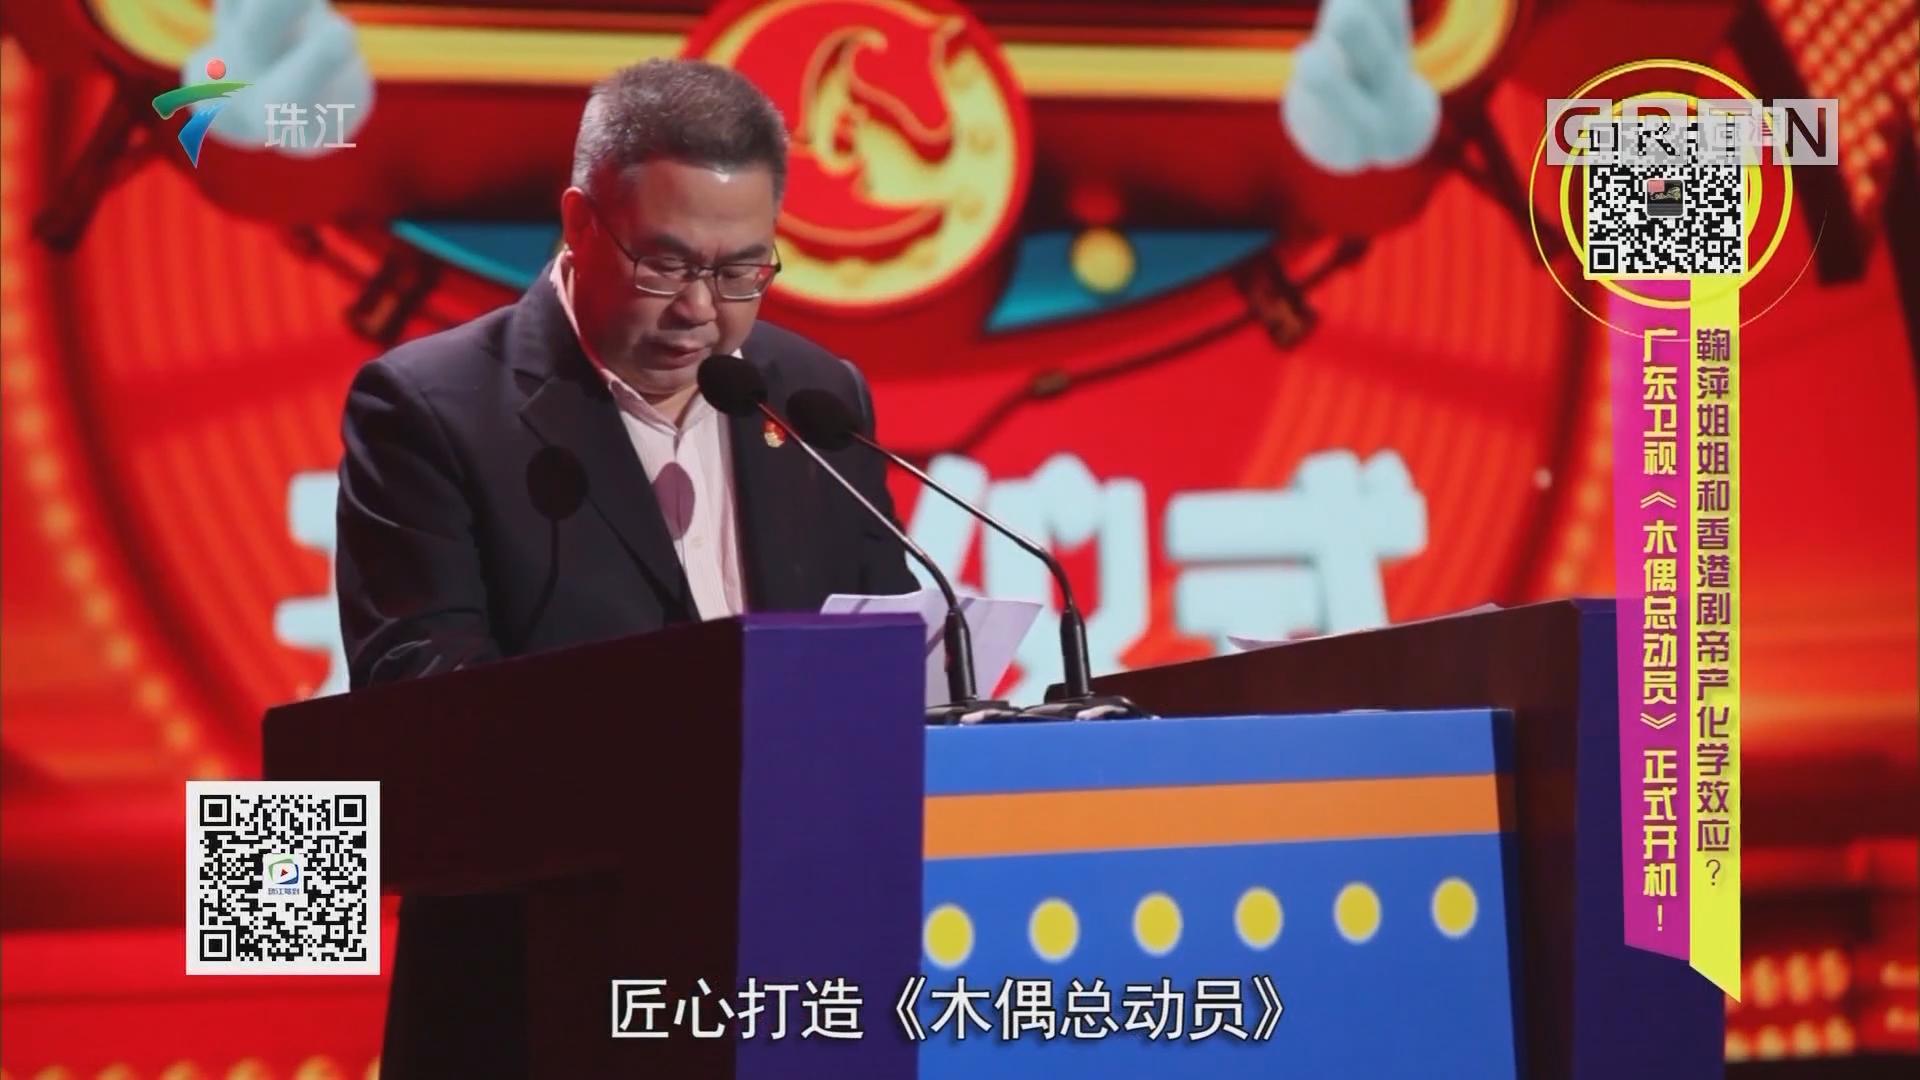 鞠萍姐姐和香港剧帝产化学效应? 广东卫视《木偶总动员》正式开机!